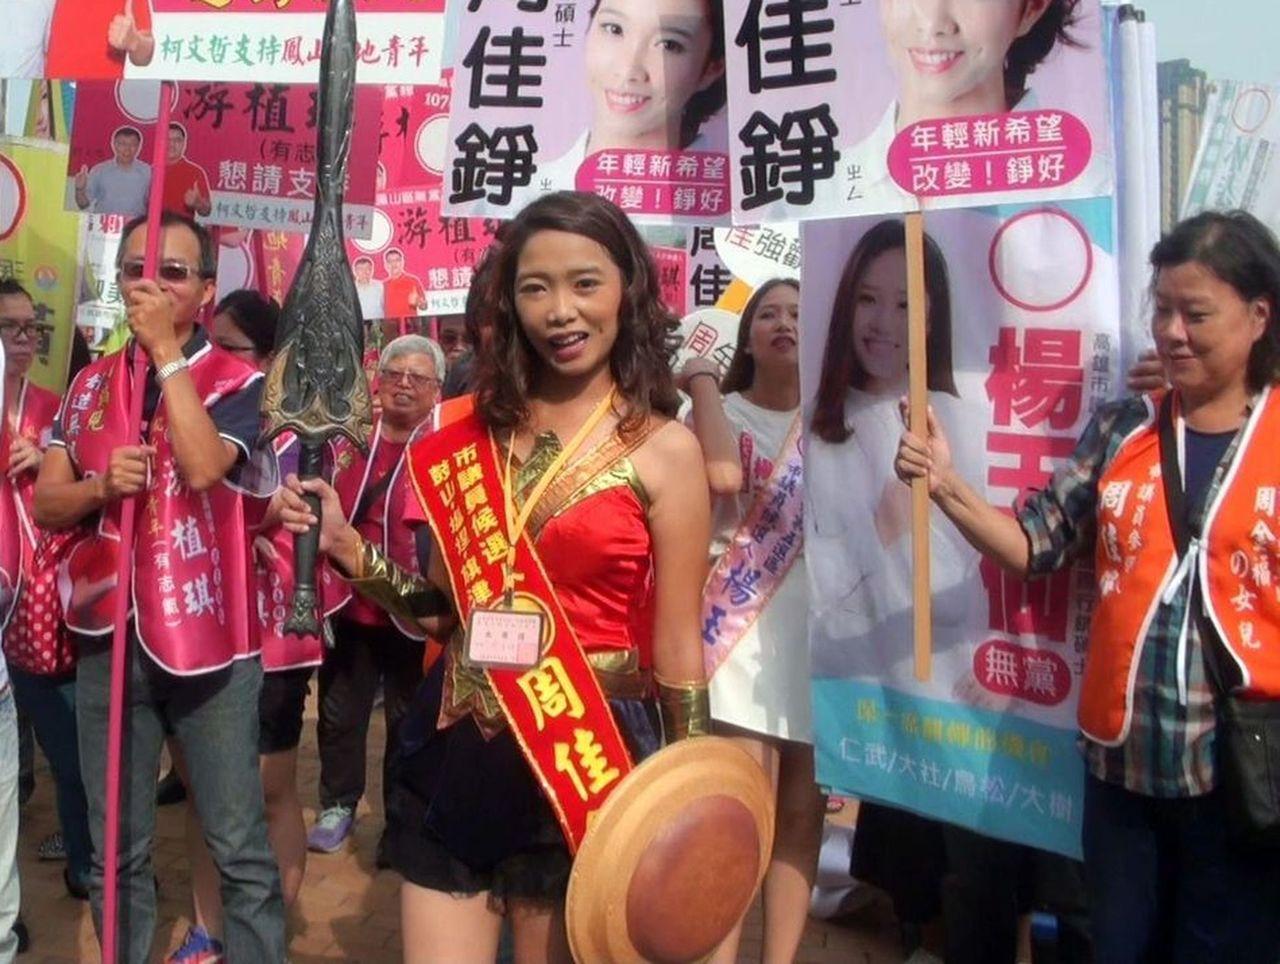 高應大碩士周佳錚,化身神力女超人,自許能快速解決民眾問題。(本報資料照片)